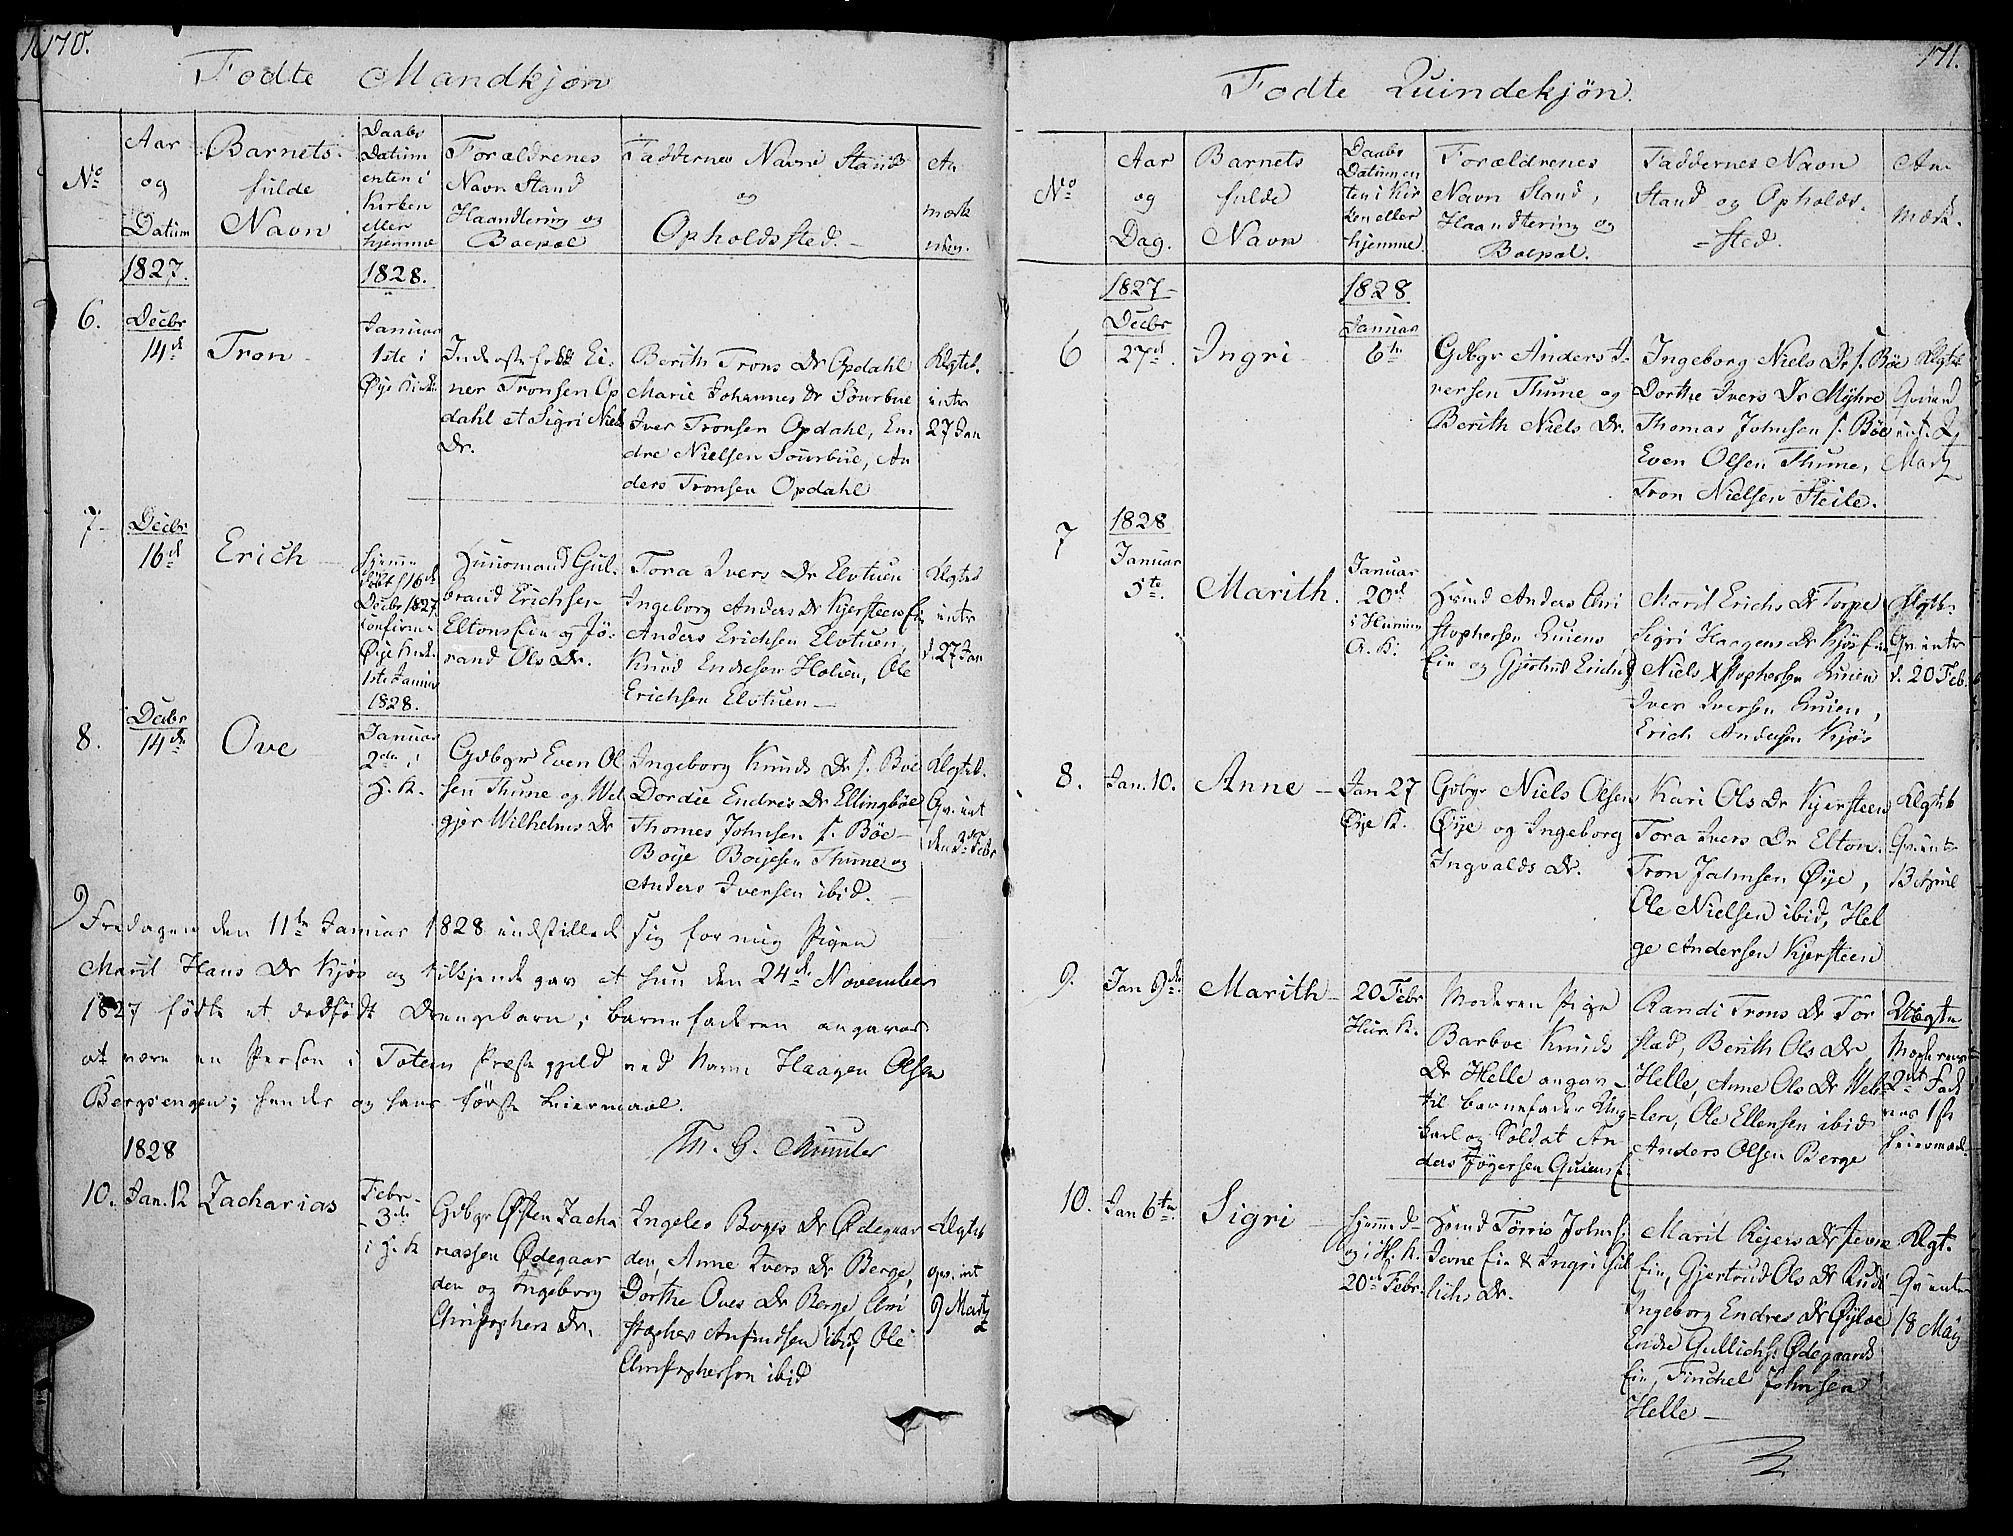 SAH, Vang prestekontor, Valdres, Ministerialbok nr. 3, 1809-1831, s. 170-171